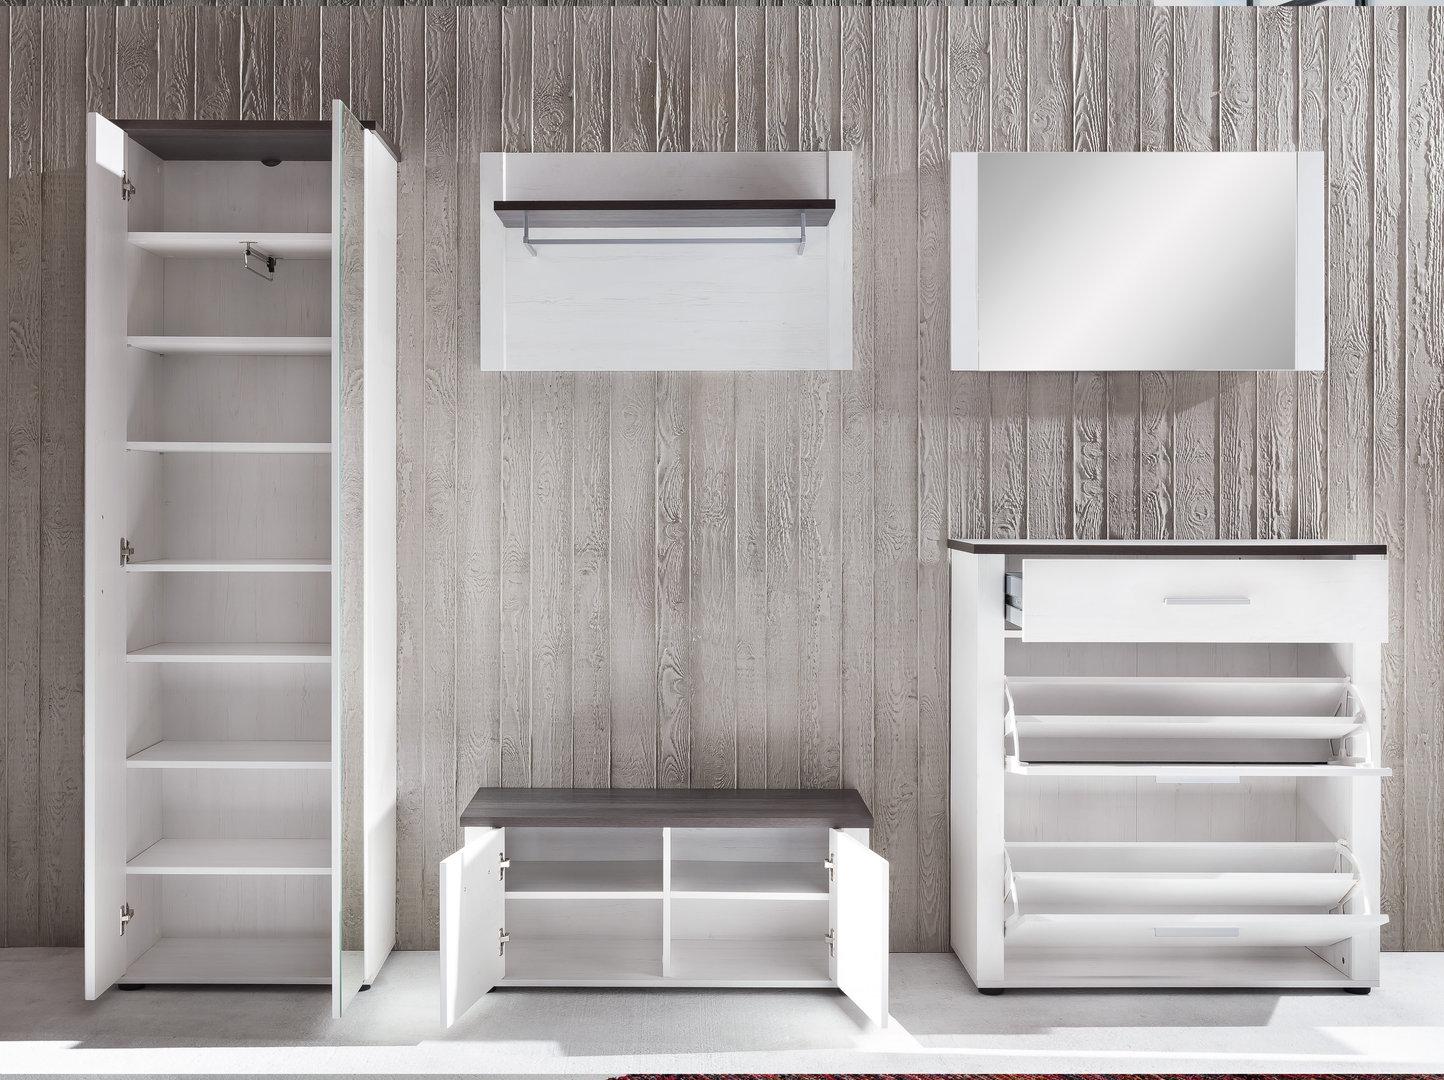 Entrata moderna demy mobili in finitura tinta legno bianco - Mobili per corridoio ...